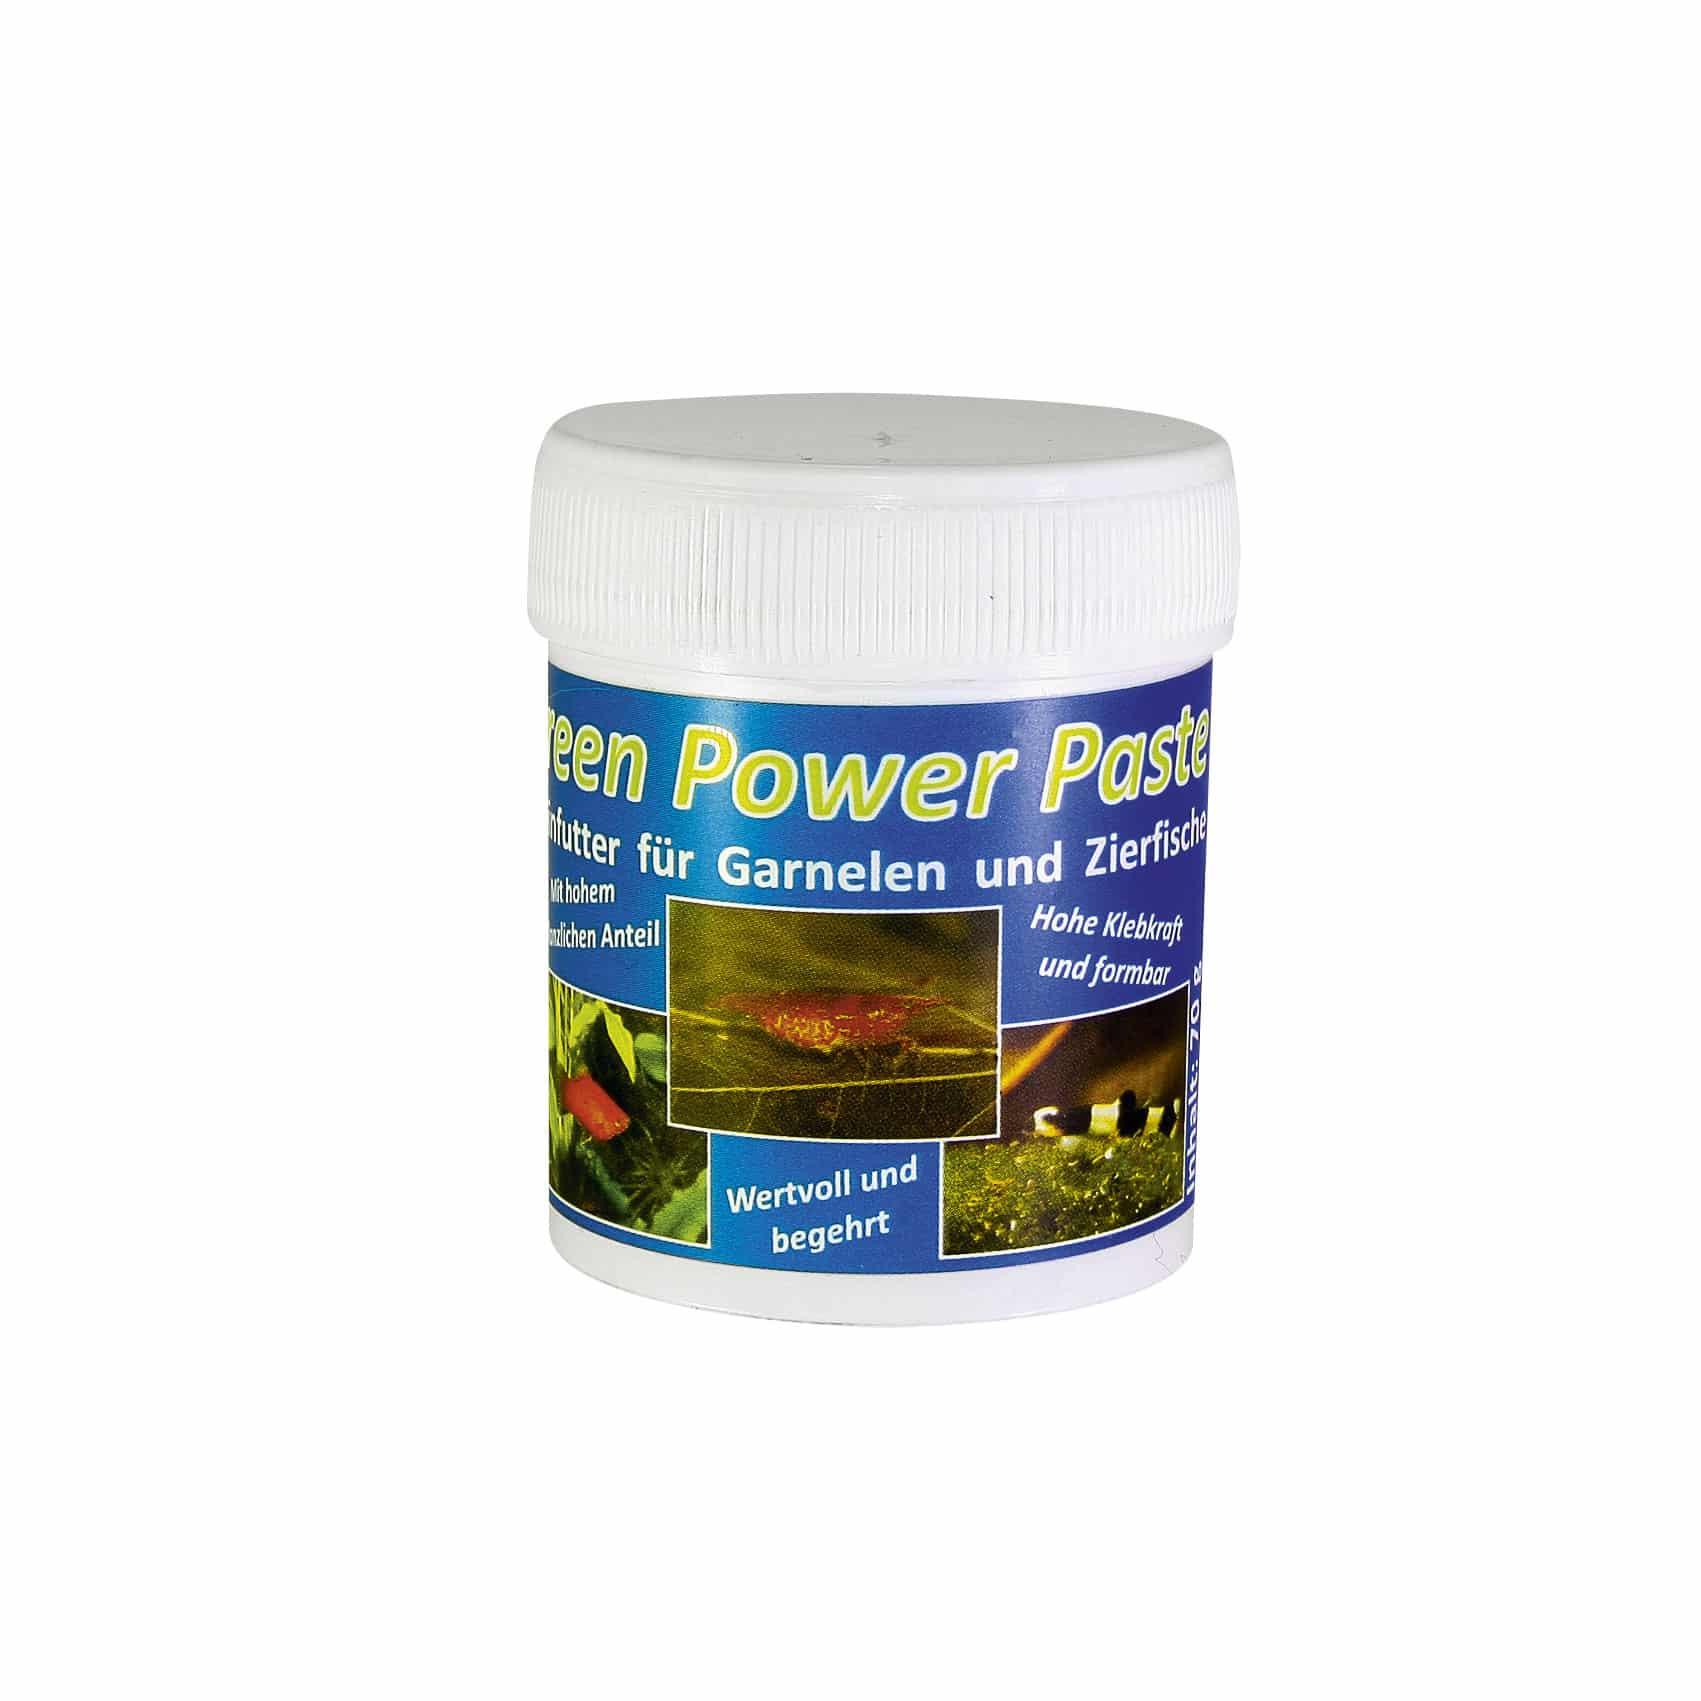 Green Power Paste 70g